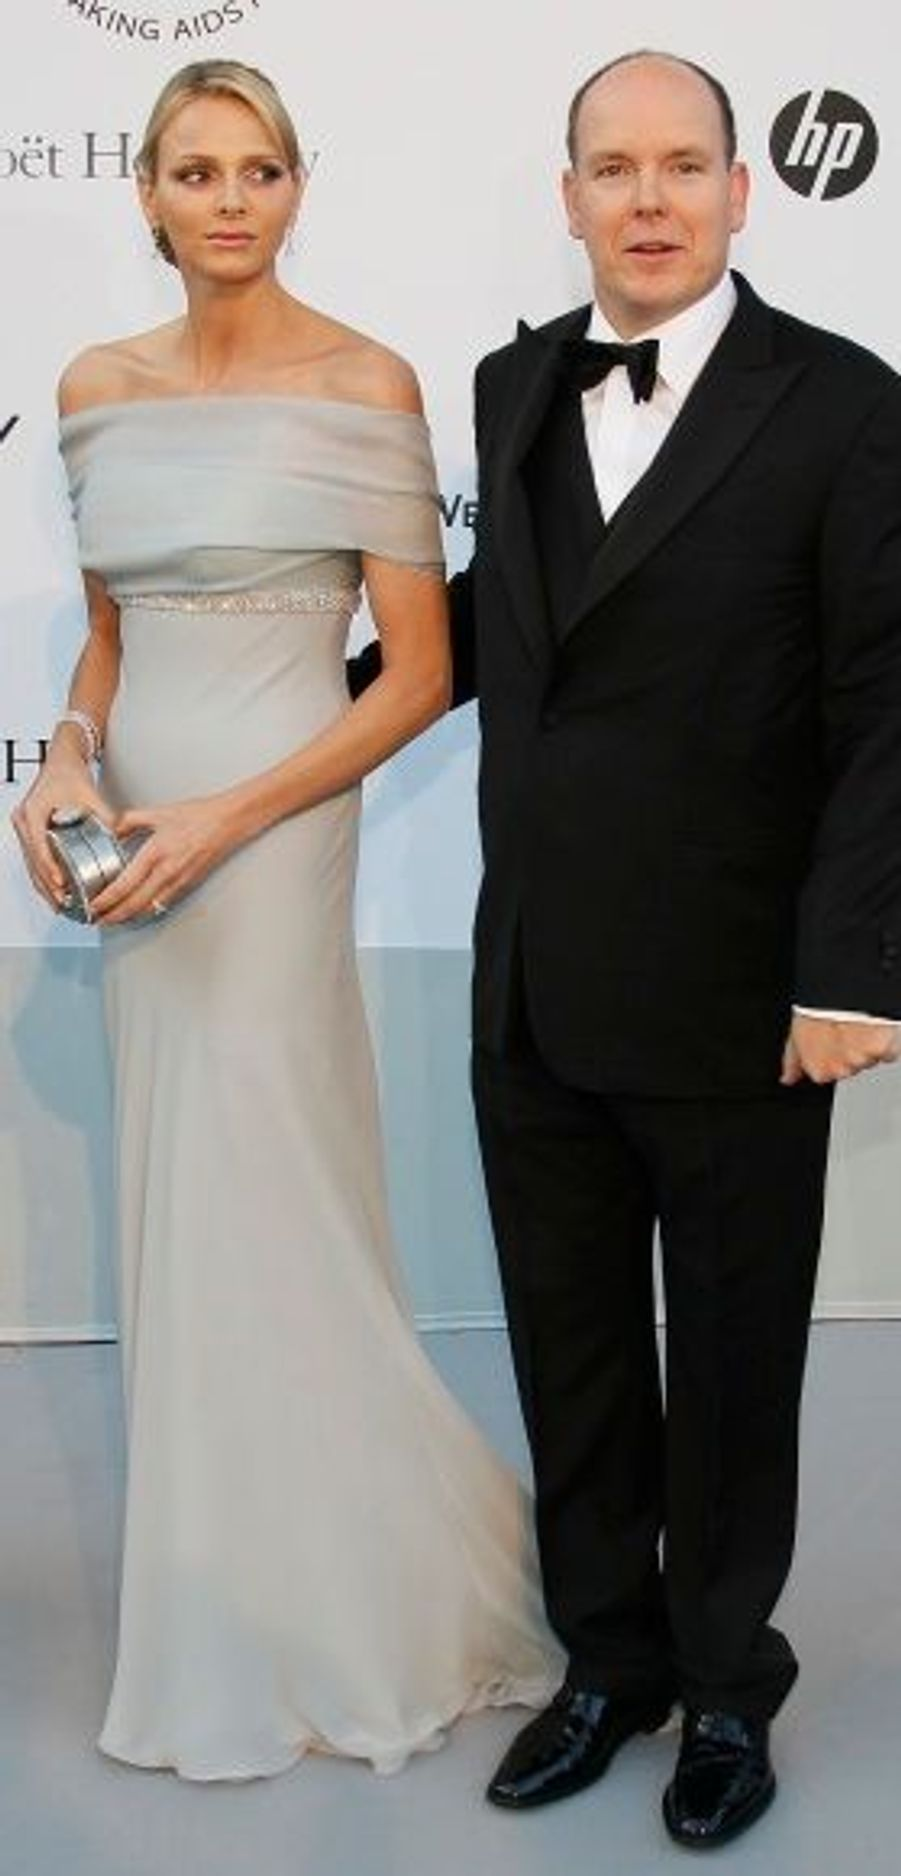 Au récent Gala de l'amfAR, en marge du 64ème Festival de Cannes, l'ancienne sportive était apparue dans une robe fourreau bleu lavande.